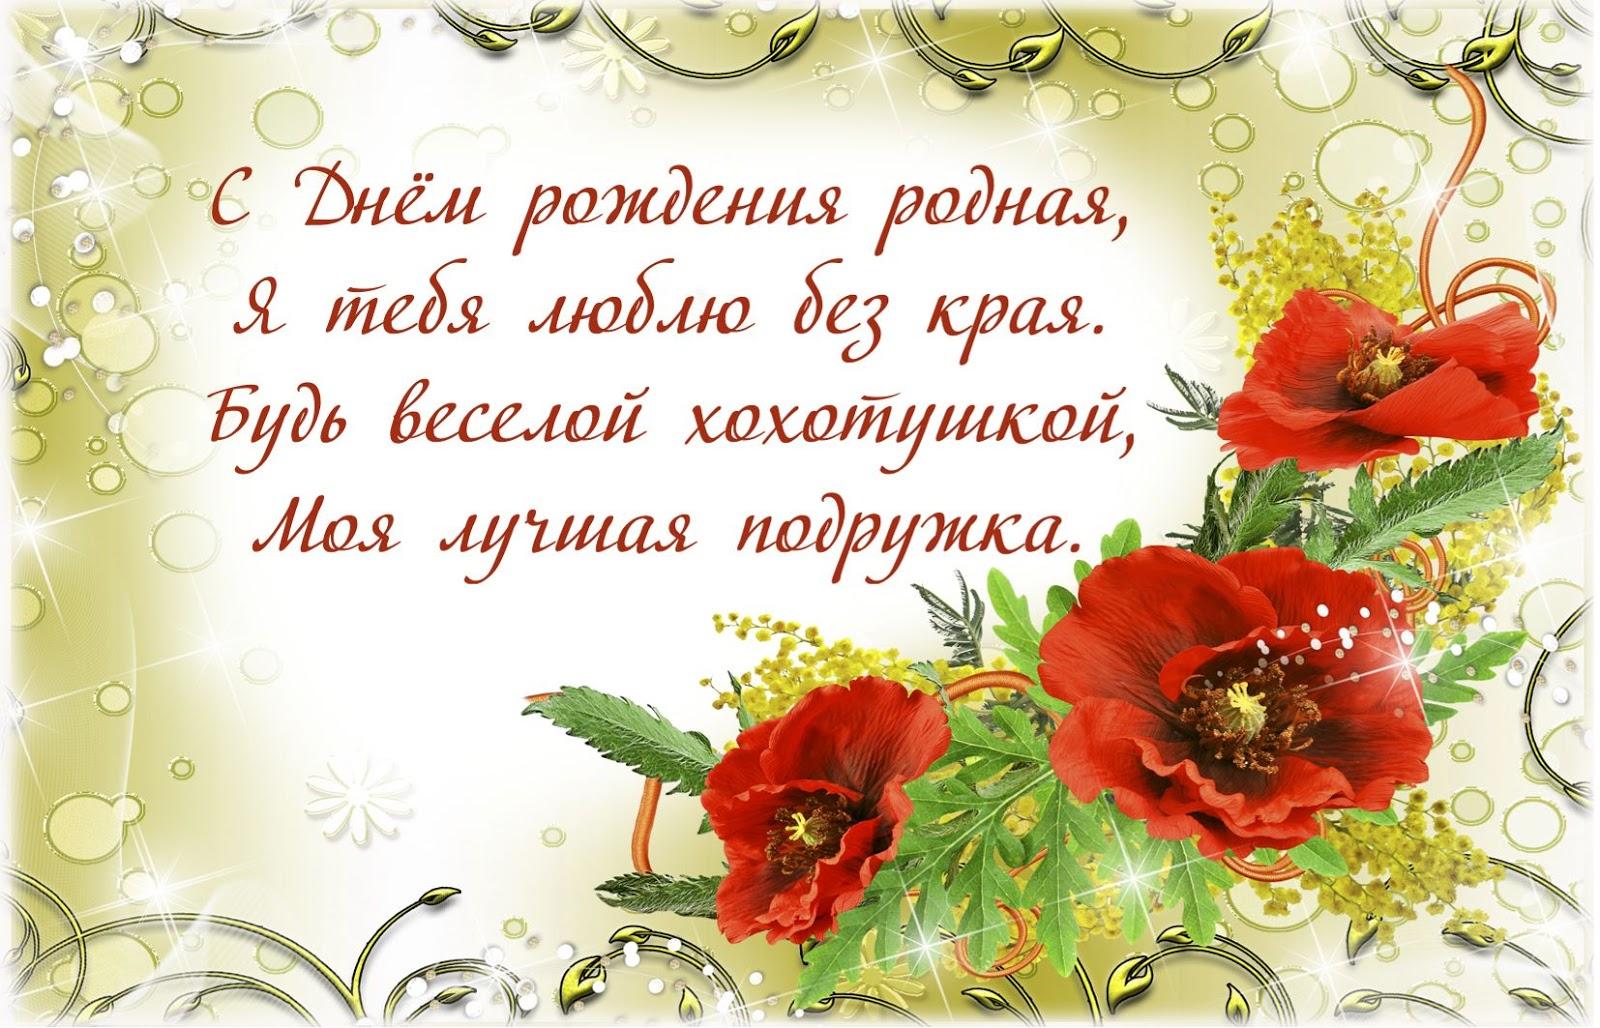 Поздравления с днем рождения подруге в стихах ире